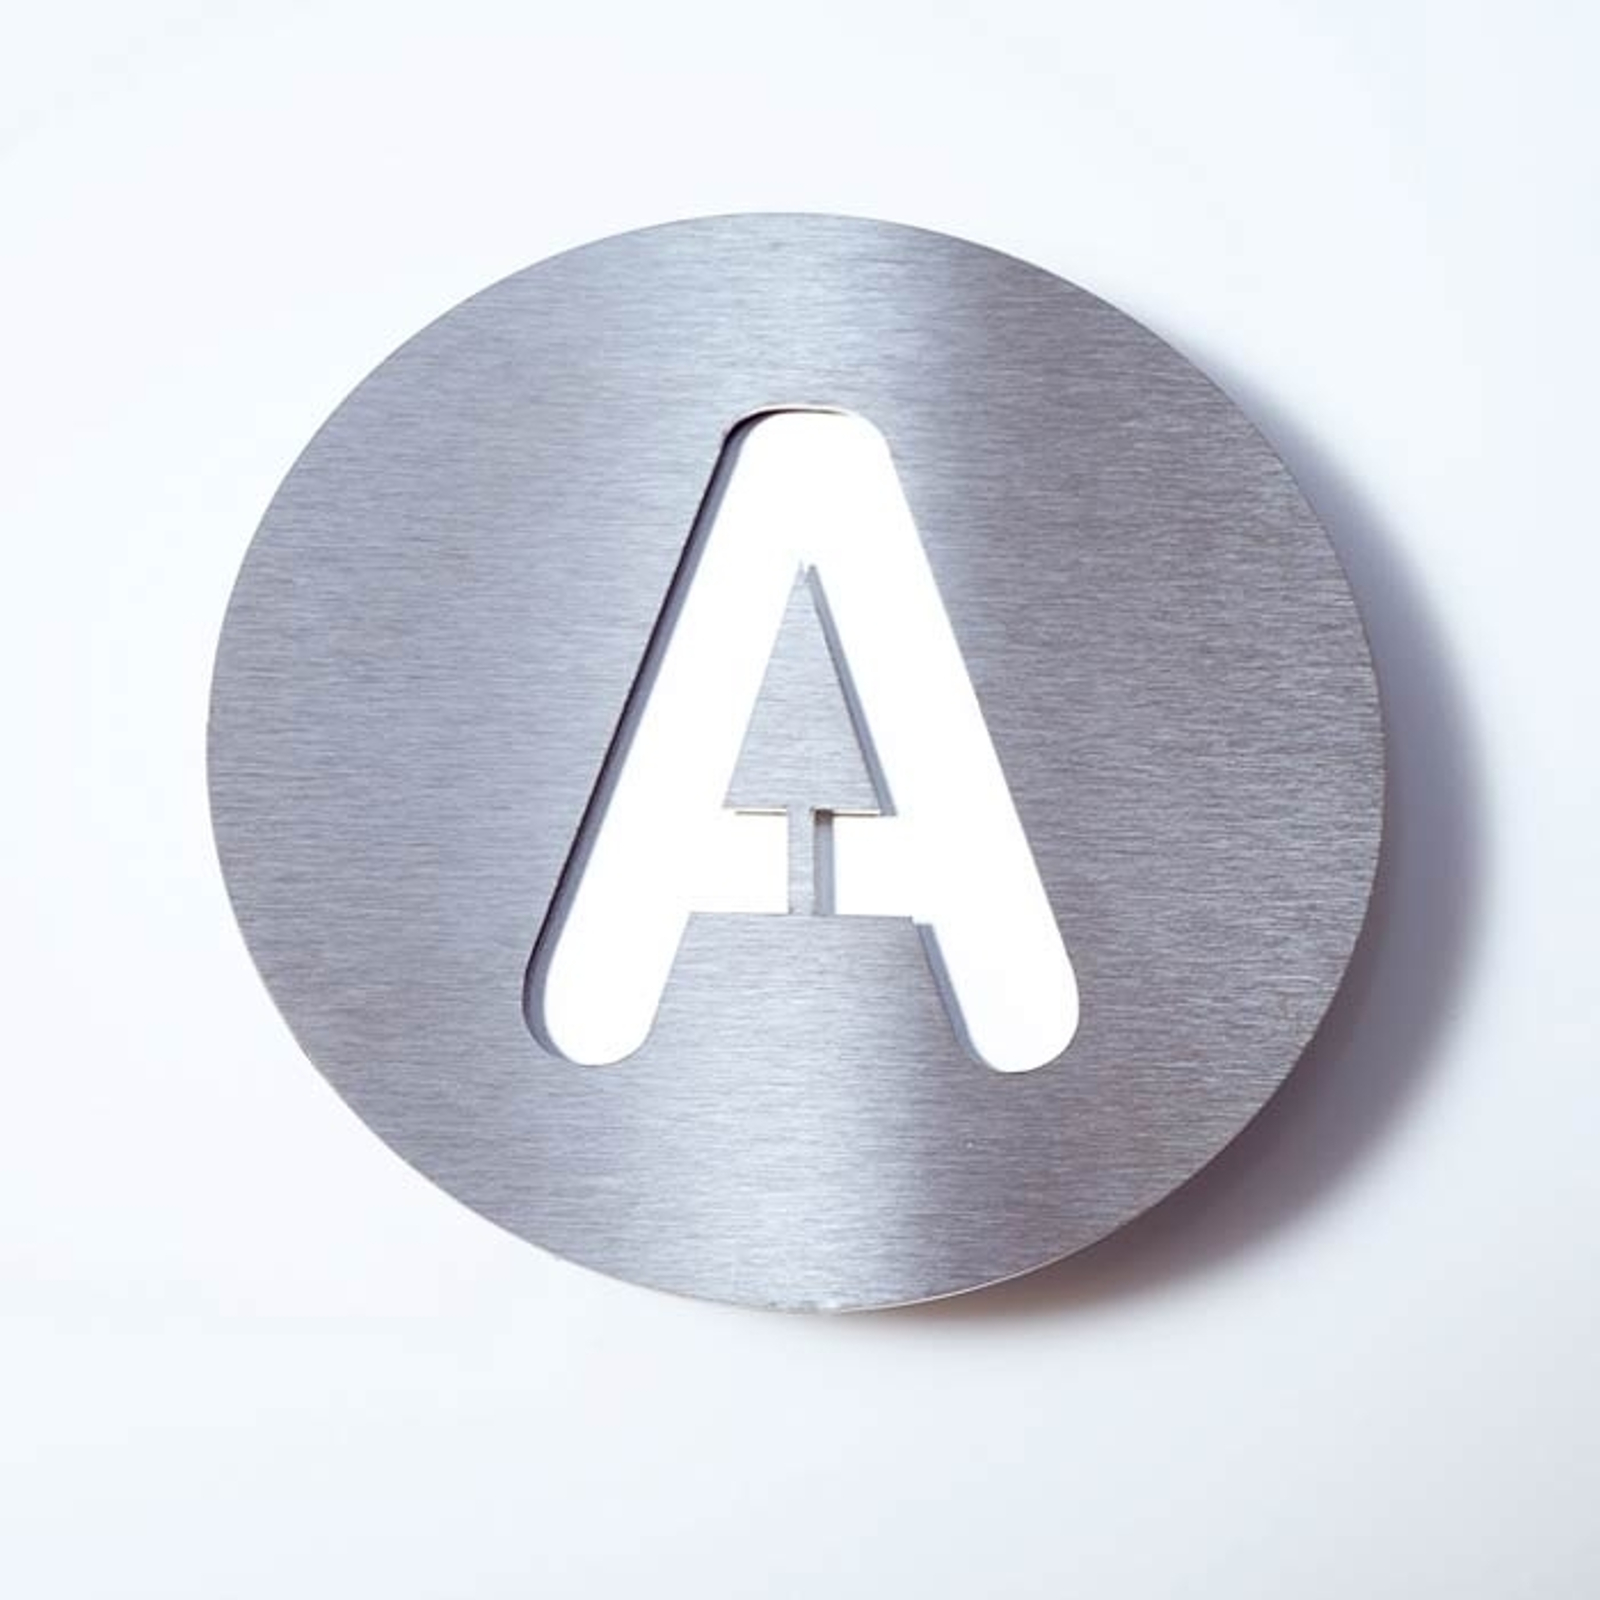 Číslo domu z ušľachtilej ocele Round A-F_1057091_1